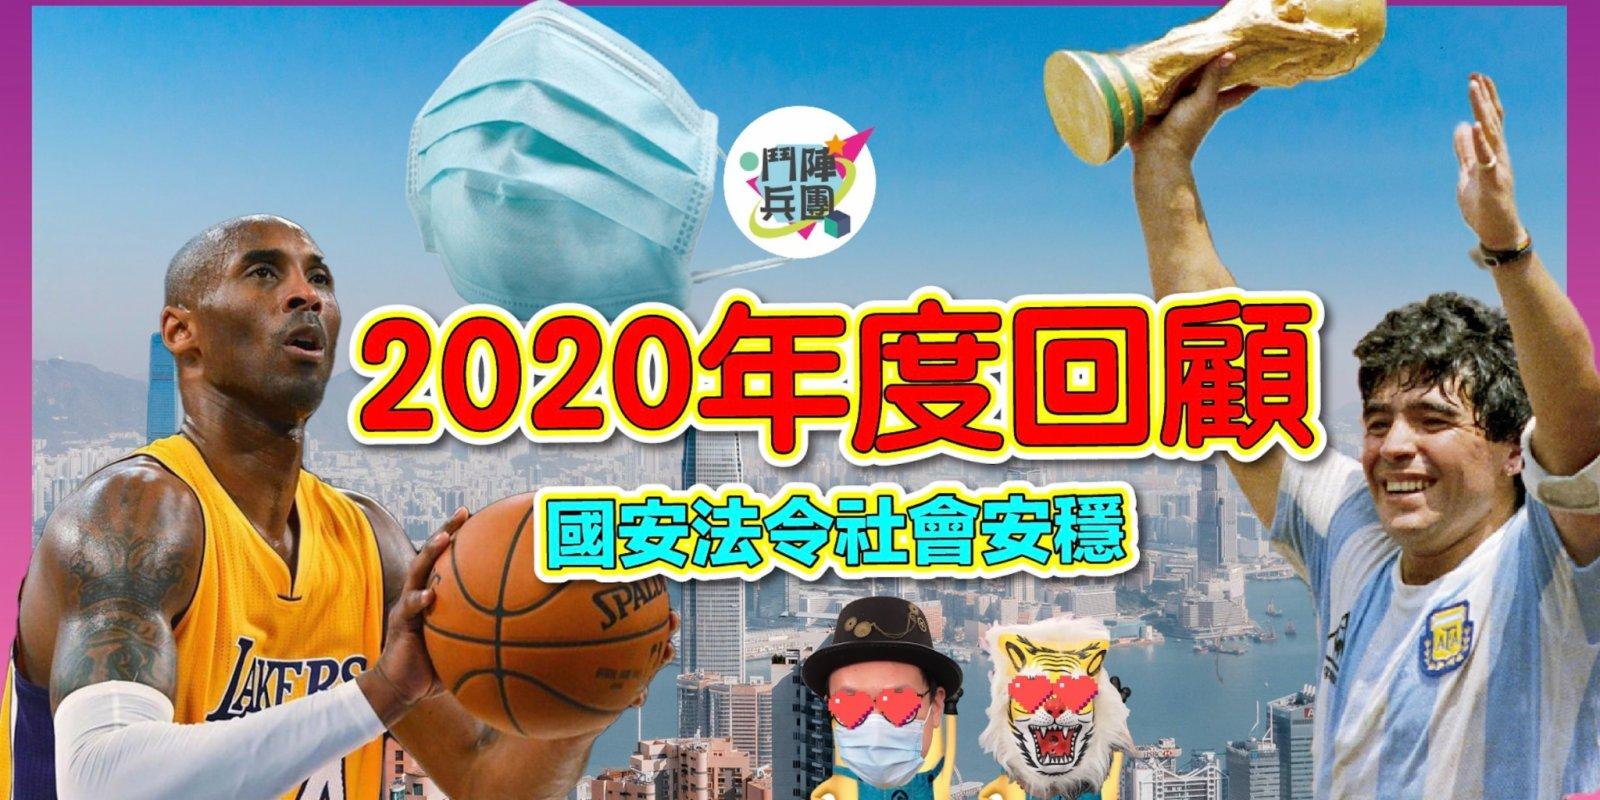 鬥陣兵團|2020回顧特輯,香港人成年度風雲人物!國安法定社會安定,馬勒當拿高比兩位球王相繼逝世,打工仔更是受到重大影響!